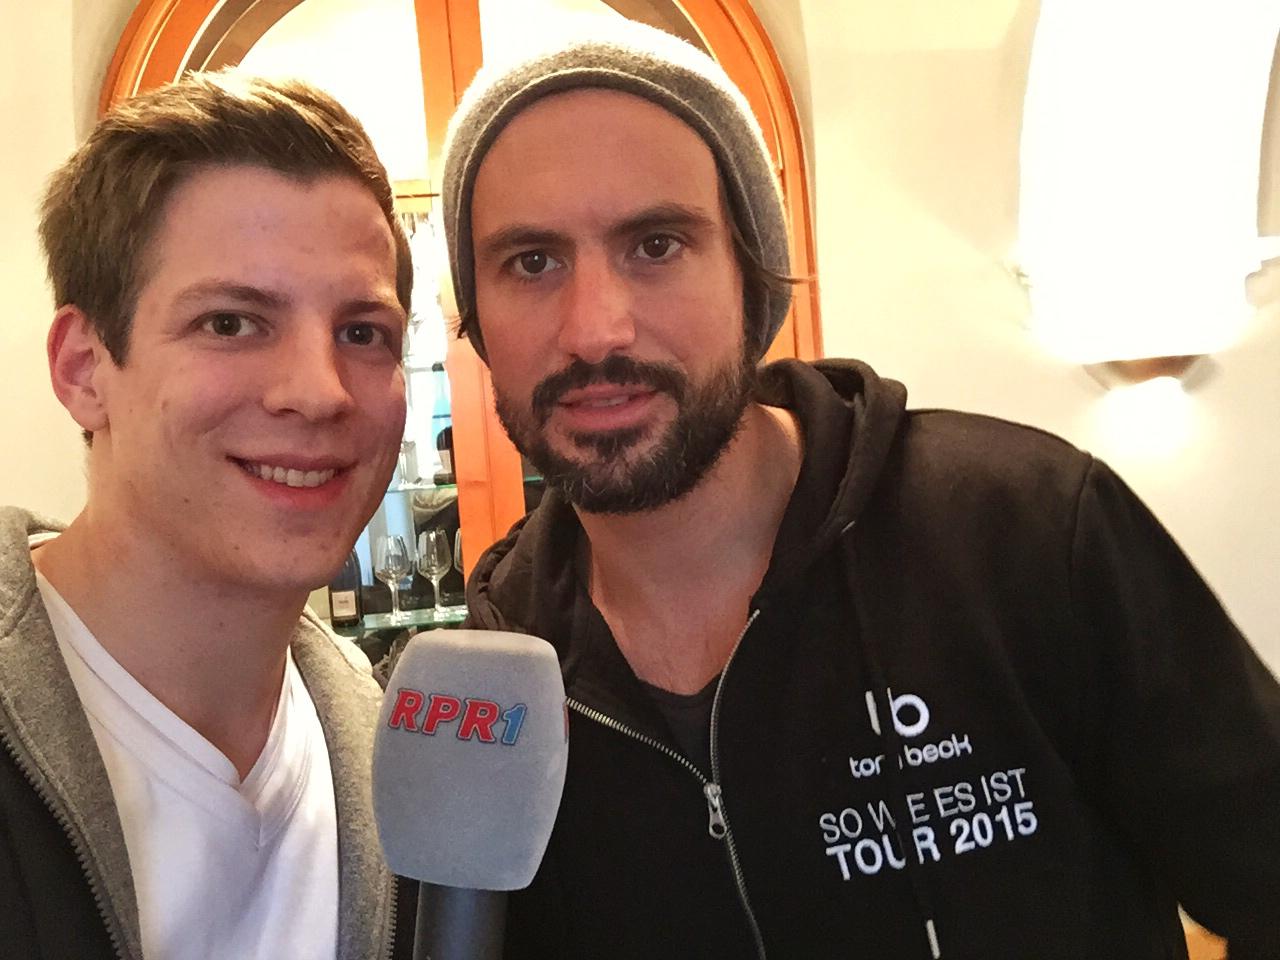 Tom Beck & Daniel Schüler